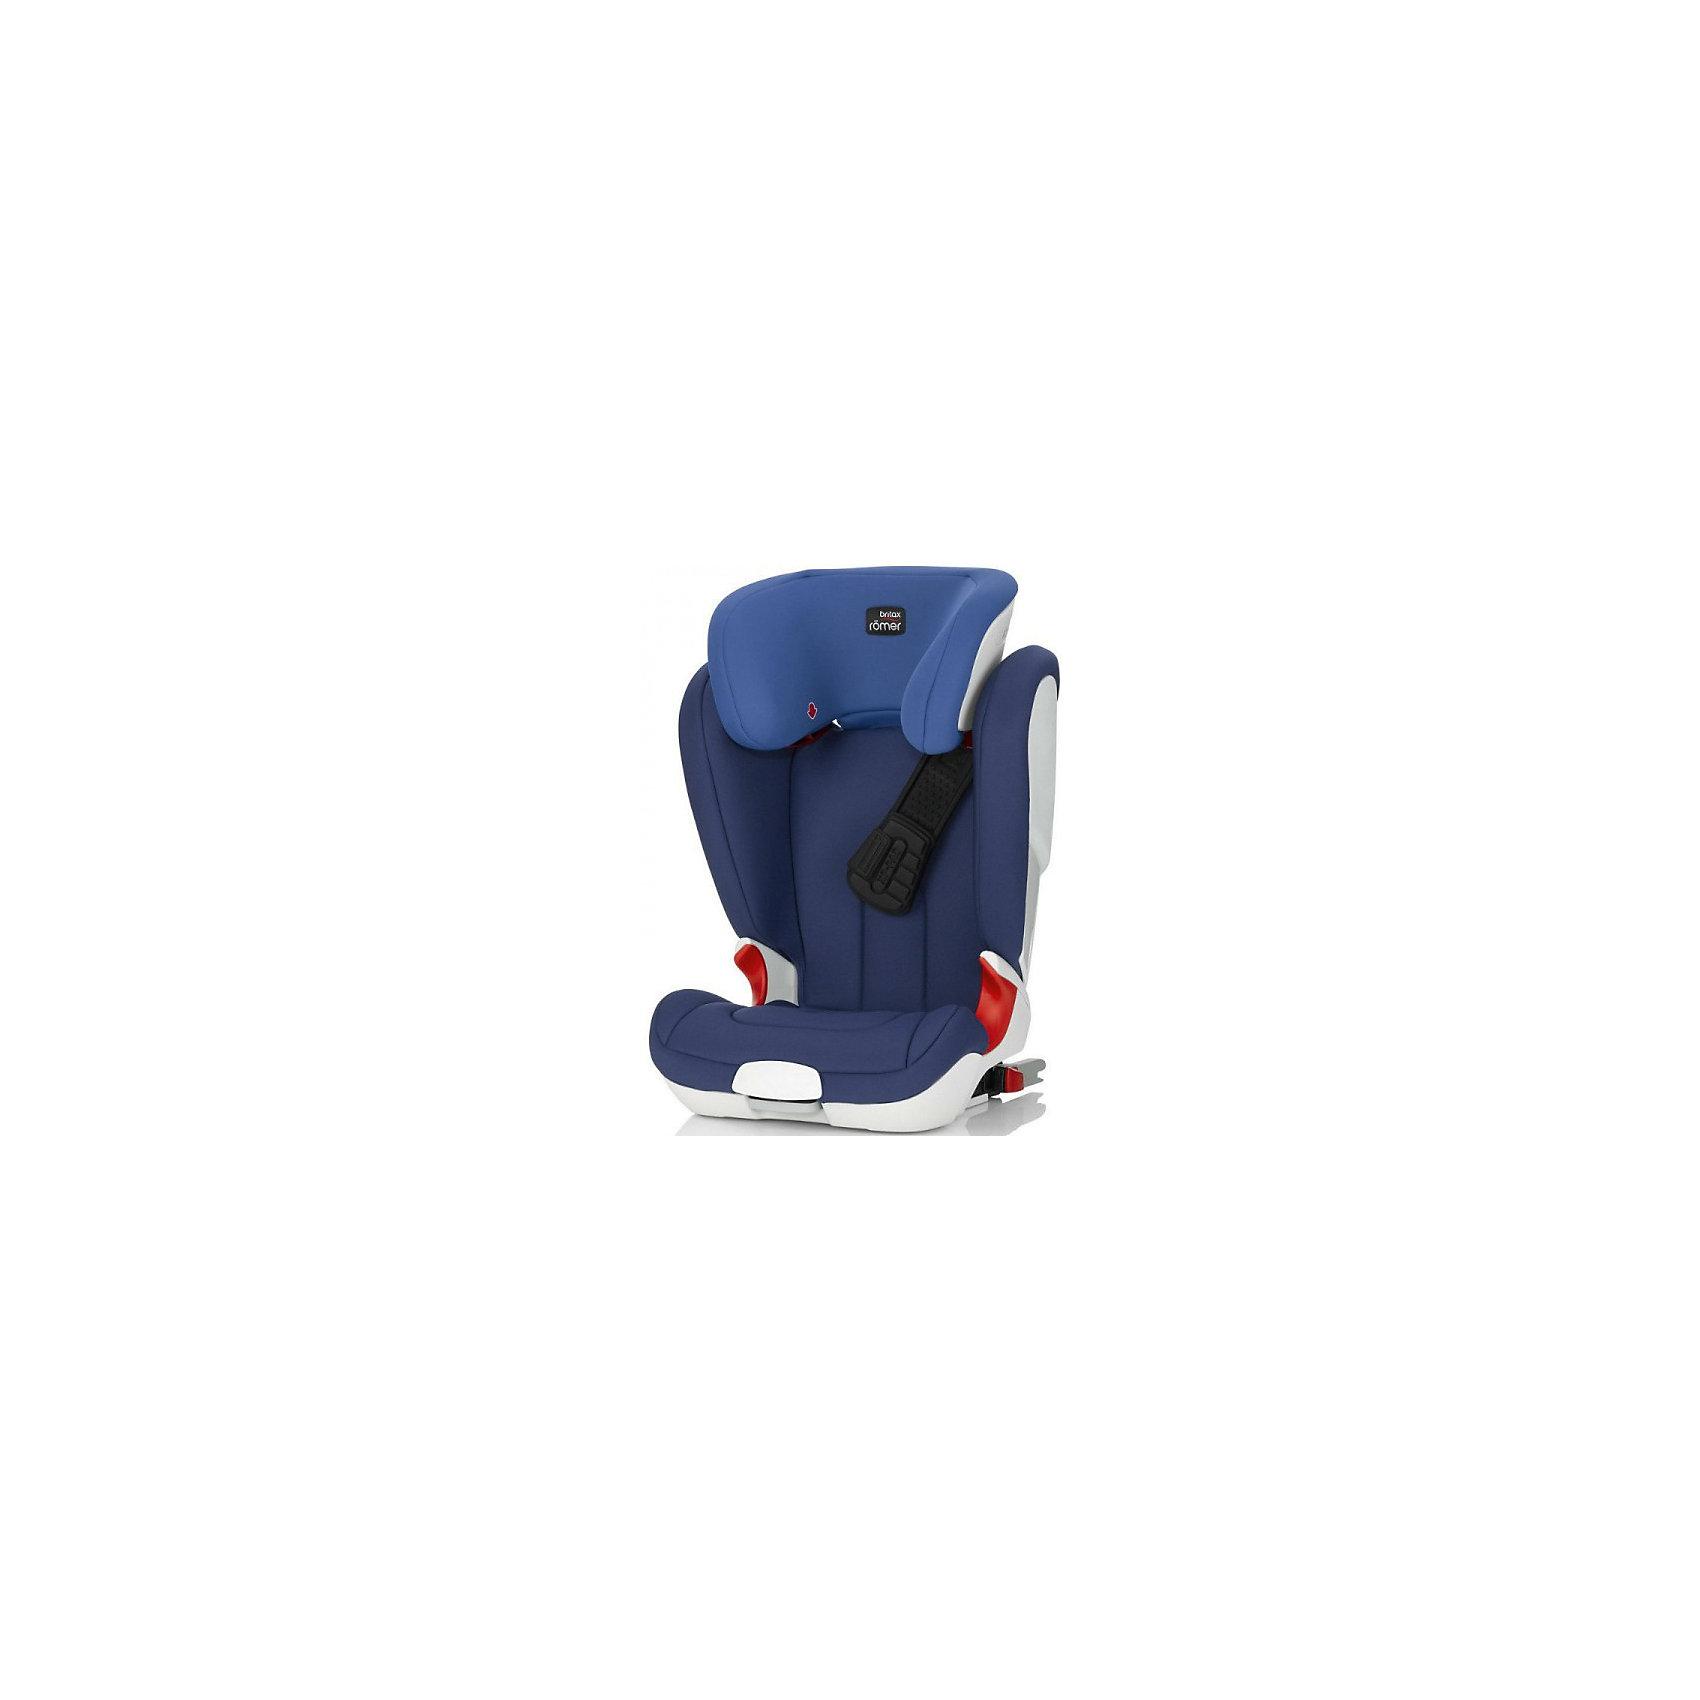 Автокресло Britax Romer KIDFIX XP, 15-36 кг, Ocean BlueГруппа 2-3 (От 15 до 36 кг)<br>Автокресло KidFix XP, Britax Roemer - комфортная надежная модель, которая сделает поездку Вашего ребенка приятной и безопасной. Сиденье кресла с завышенным подголовником имеет удобную анатомическую форму, что обеспечивает правильное положение позвоночника.<br>Отсутствие подлокотников гарантирует правильное расположение поясной части ремня безопасности. Подголовник регулируется по высоте в 11 положениях, в зависимости от роста ребенка, а его V-образная форму удерживает голову в максимально комфортном положении. Спинка автокресла плавно подгоняется под наклон сиденья автомобиля. Ребенок фиксируется в автокресле штатными 3-точечными ремнями безопасности автомобиля, верхние направляющие для ремня встроены в подголовник и регулируются по высоте одной рукой.<br><br>Уникальная система безопасности  XP-PAD позволяет максимально обезопасить от травм и равномерно распределяет нагрузку на шею ребенка при лобовом столкновении. Глубокие, высокие и мягкие боковины обеспечивают оптимальную защиту от боковых ударов. Автокресло устанавливается лицом по ходу движения с помощью штатных ремней автомобиля или с помощью системы Isofix, если Ваш автомобиль оснащен нужными фиксаторами. Встроенные индикаторы показывают правильность установки детского кресла. Кресло изготовлено из высококачественных материалов, съемные тканевые чехлы можно стирать при температуре 30 градусов. Рассчитано на детей от 4 до 12 лет, весом 15-36 кг. Кресло имеет европейский сертификат безопасности ЕСЕ R44/04.<br><br>Дополнительная информация:<br><br>- Цвет: Ocean Blue.<br>- Группа: 2-3 (15-36 кг.).<br>- Материал: текстиль, пластик.<br>- Данная модель НЕ разбирается в бустер!<br>- Размеры: длина - 39 см., ширина - 54 см., высота - 67-86 см.<br>- Вес: 8,5 кг.<br><br>Автокресло KIDFIX XP, 15-36 кг., Britax Roemer, Ocean Blue, можно купить в нашем интернет-магазине.<br><br>Ширина мм: 450<br>Глубина мм: 510<br>Высота мм: 680<br>Вес г: